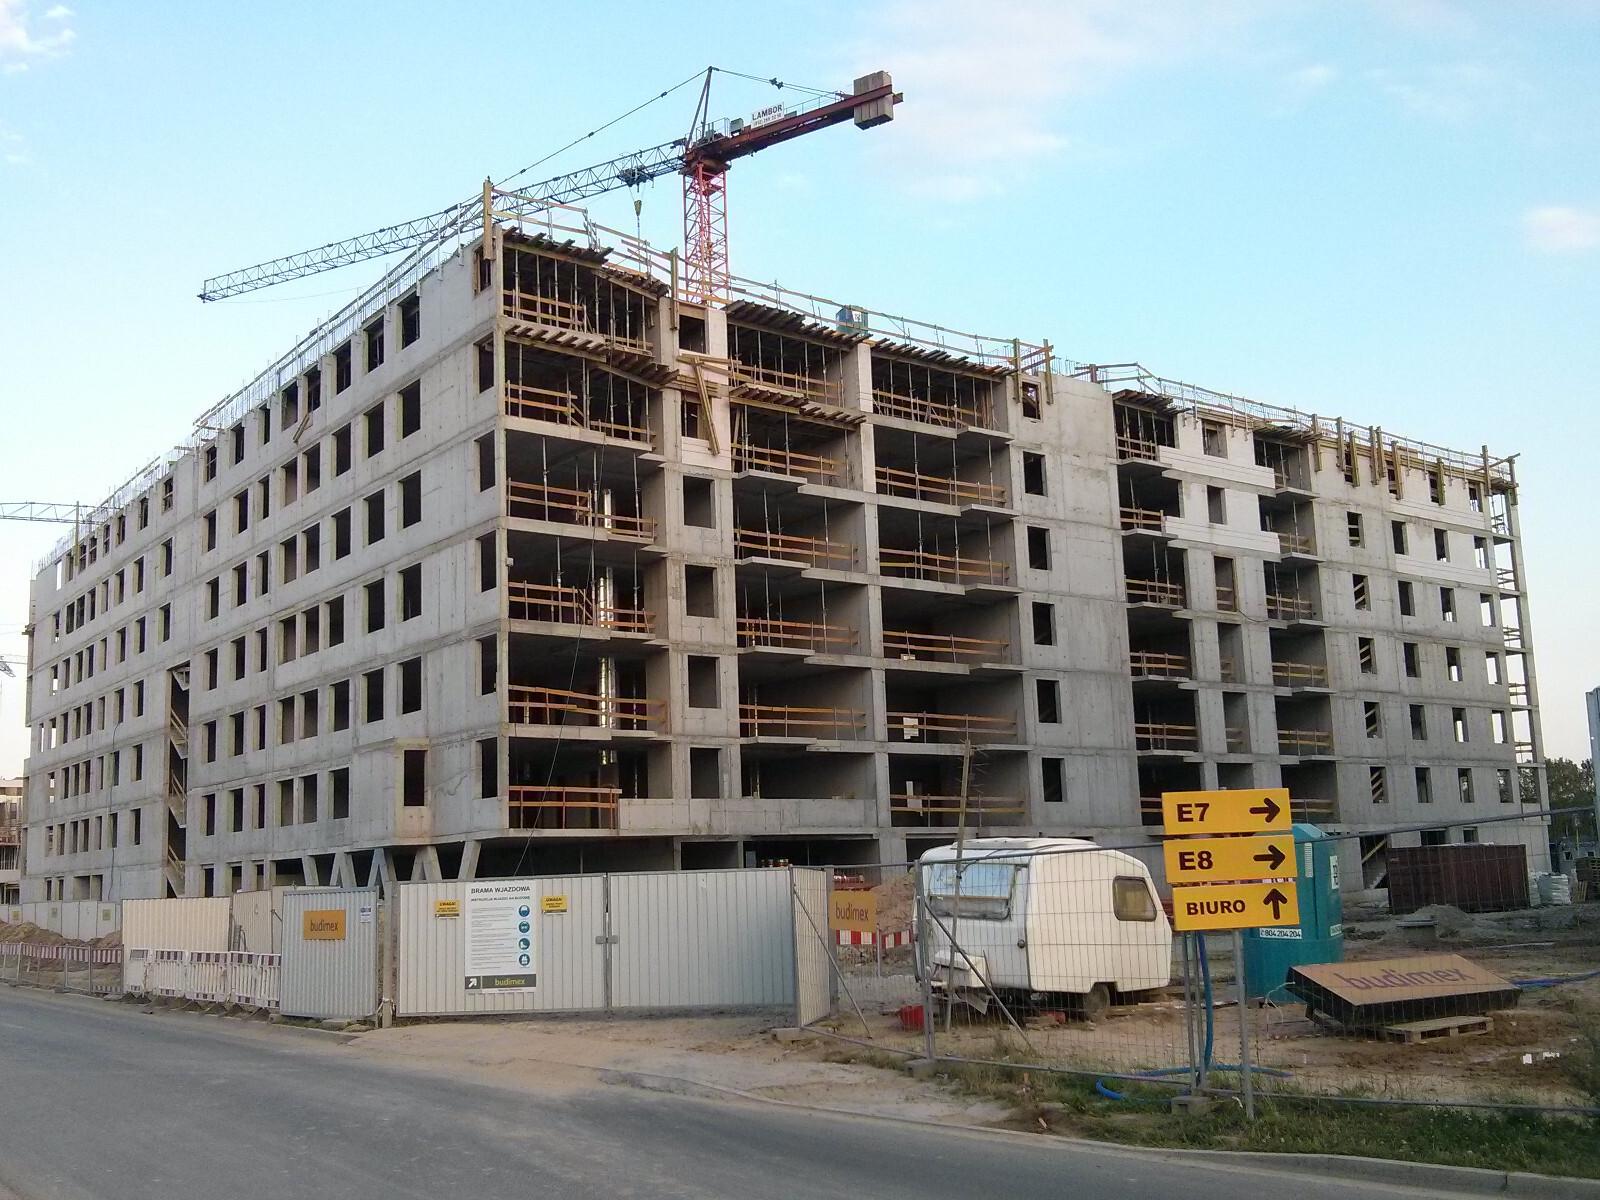 Tanie mieszkania w Krakowie, Budimex stawia ostatnie piętro bloku